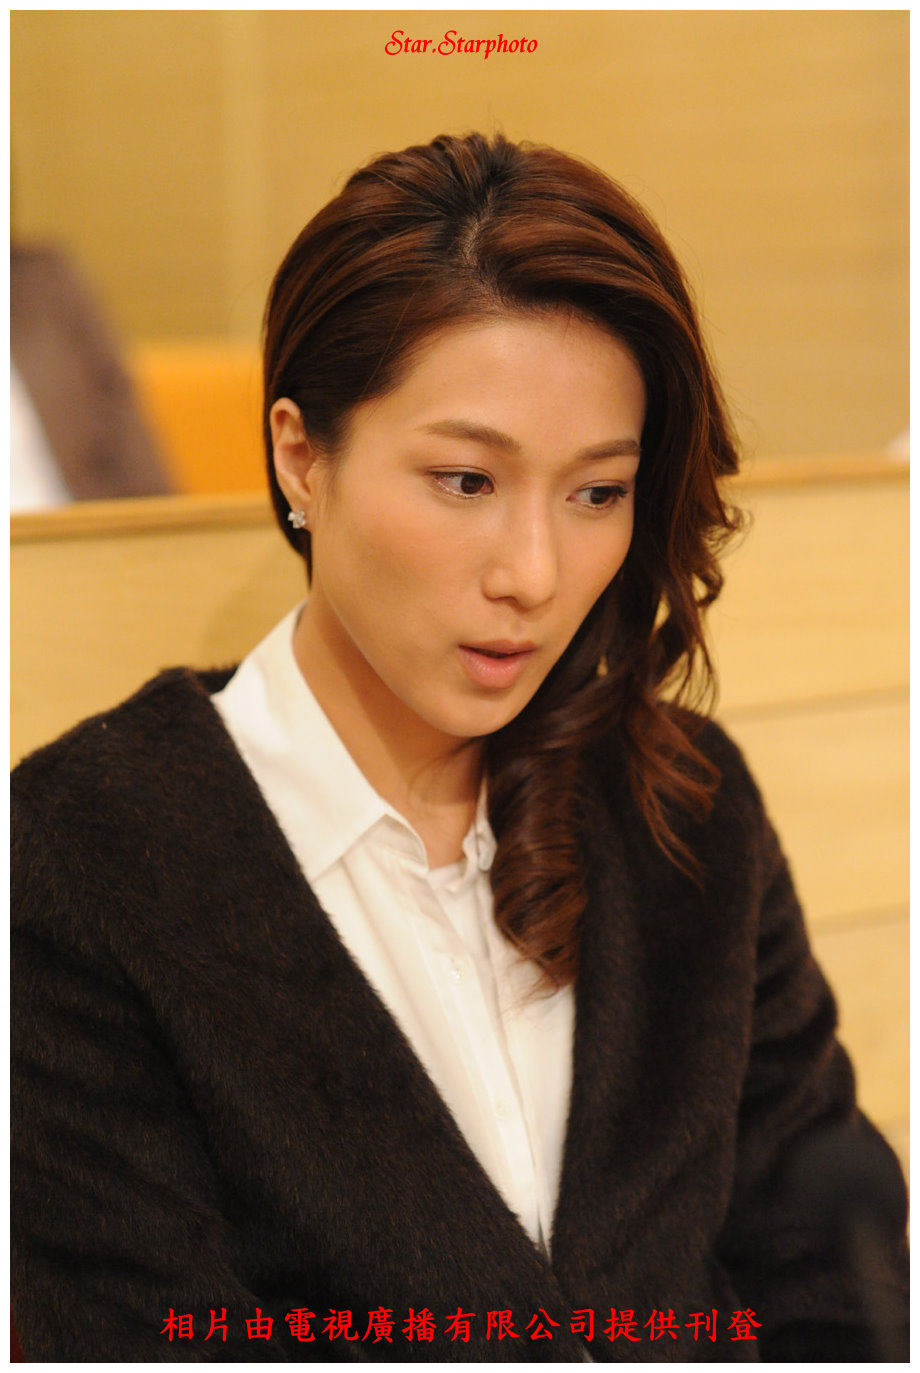 phillip ng admits dating linda chung and ruco